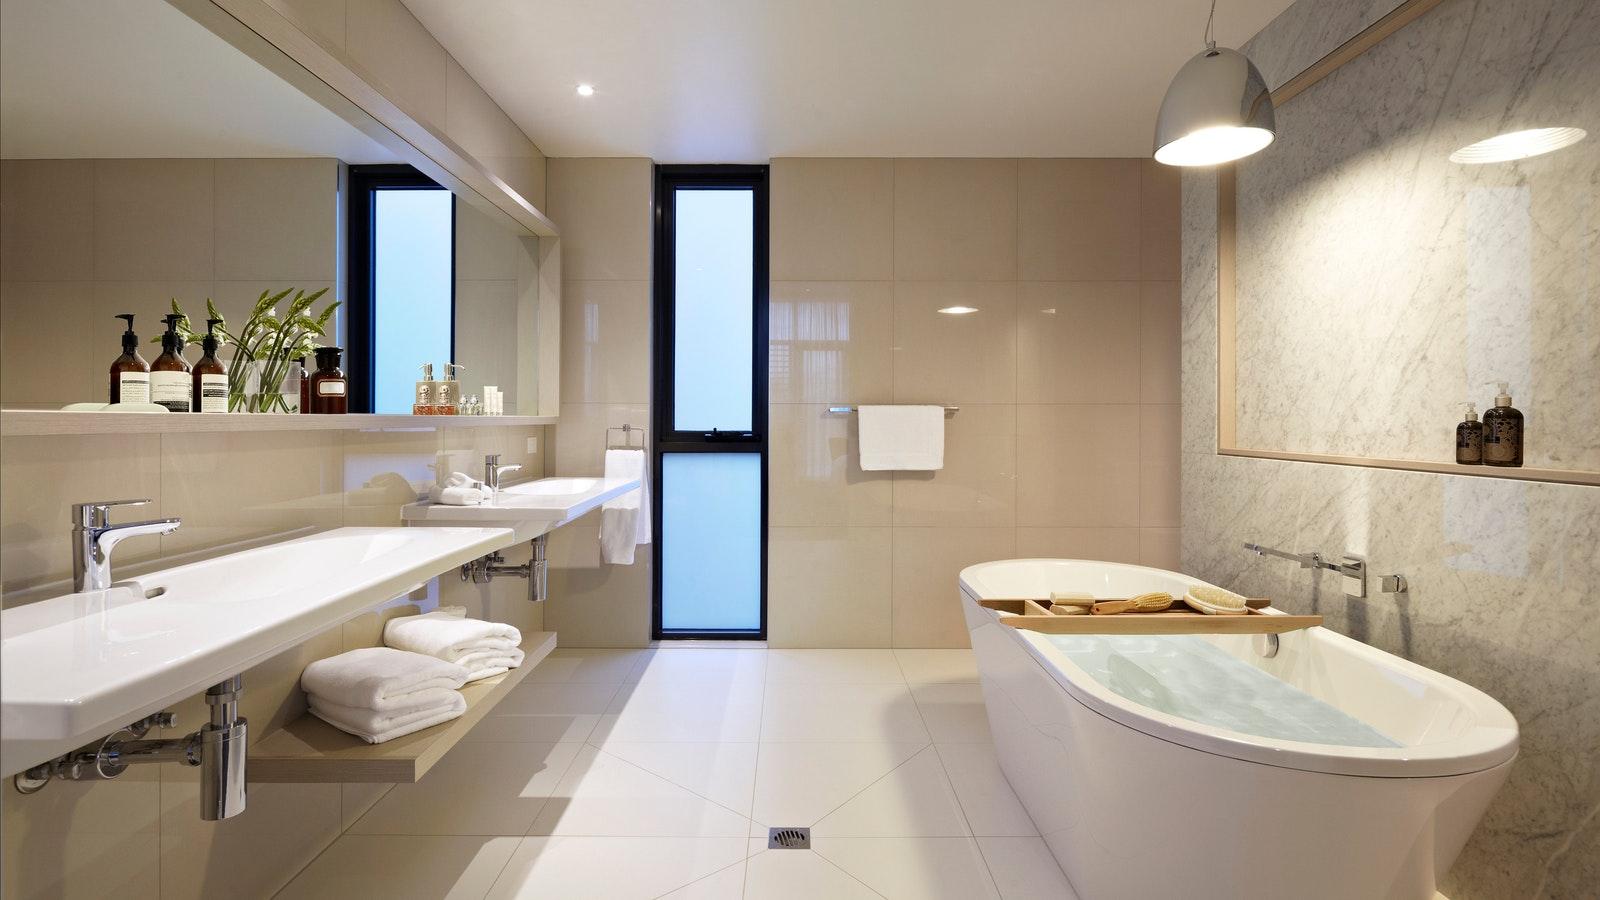 Flinders Suite Bathroom at Quarters